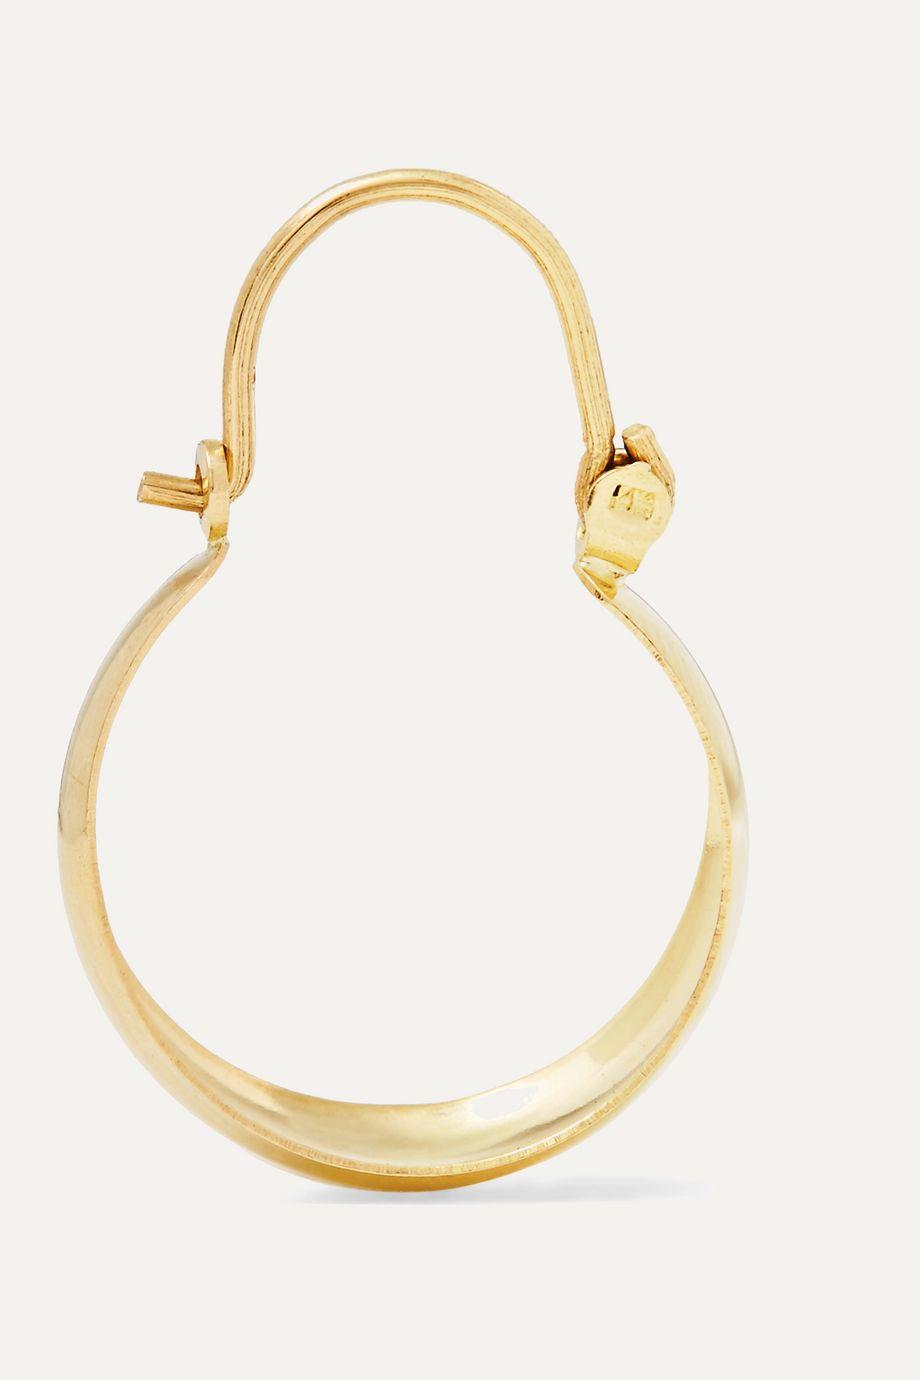 Loren Stewart Mini Hammock 14-karat gold earrings